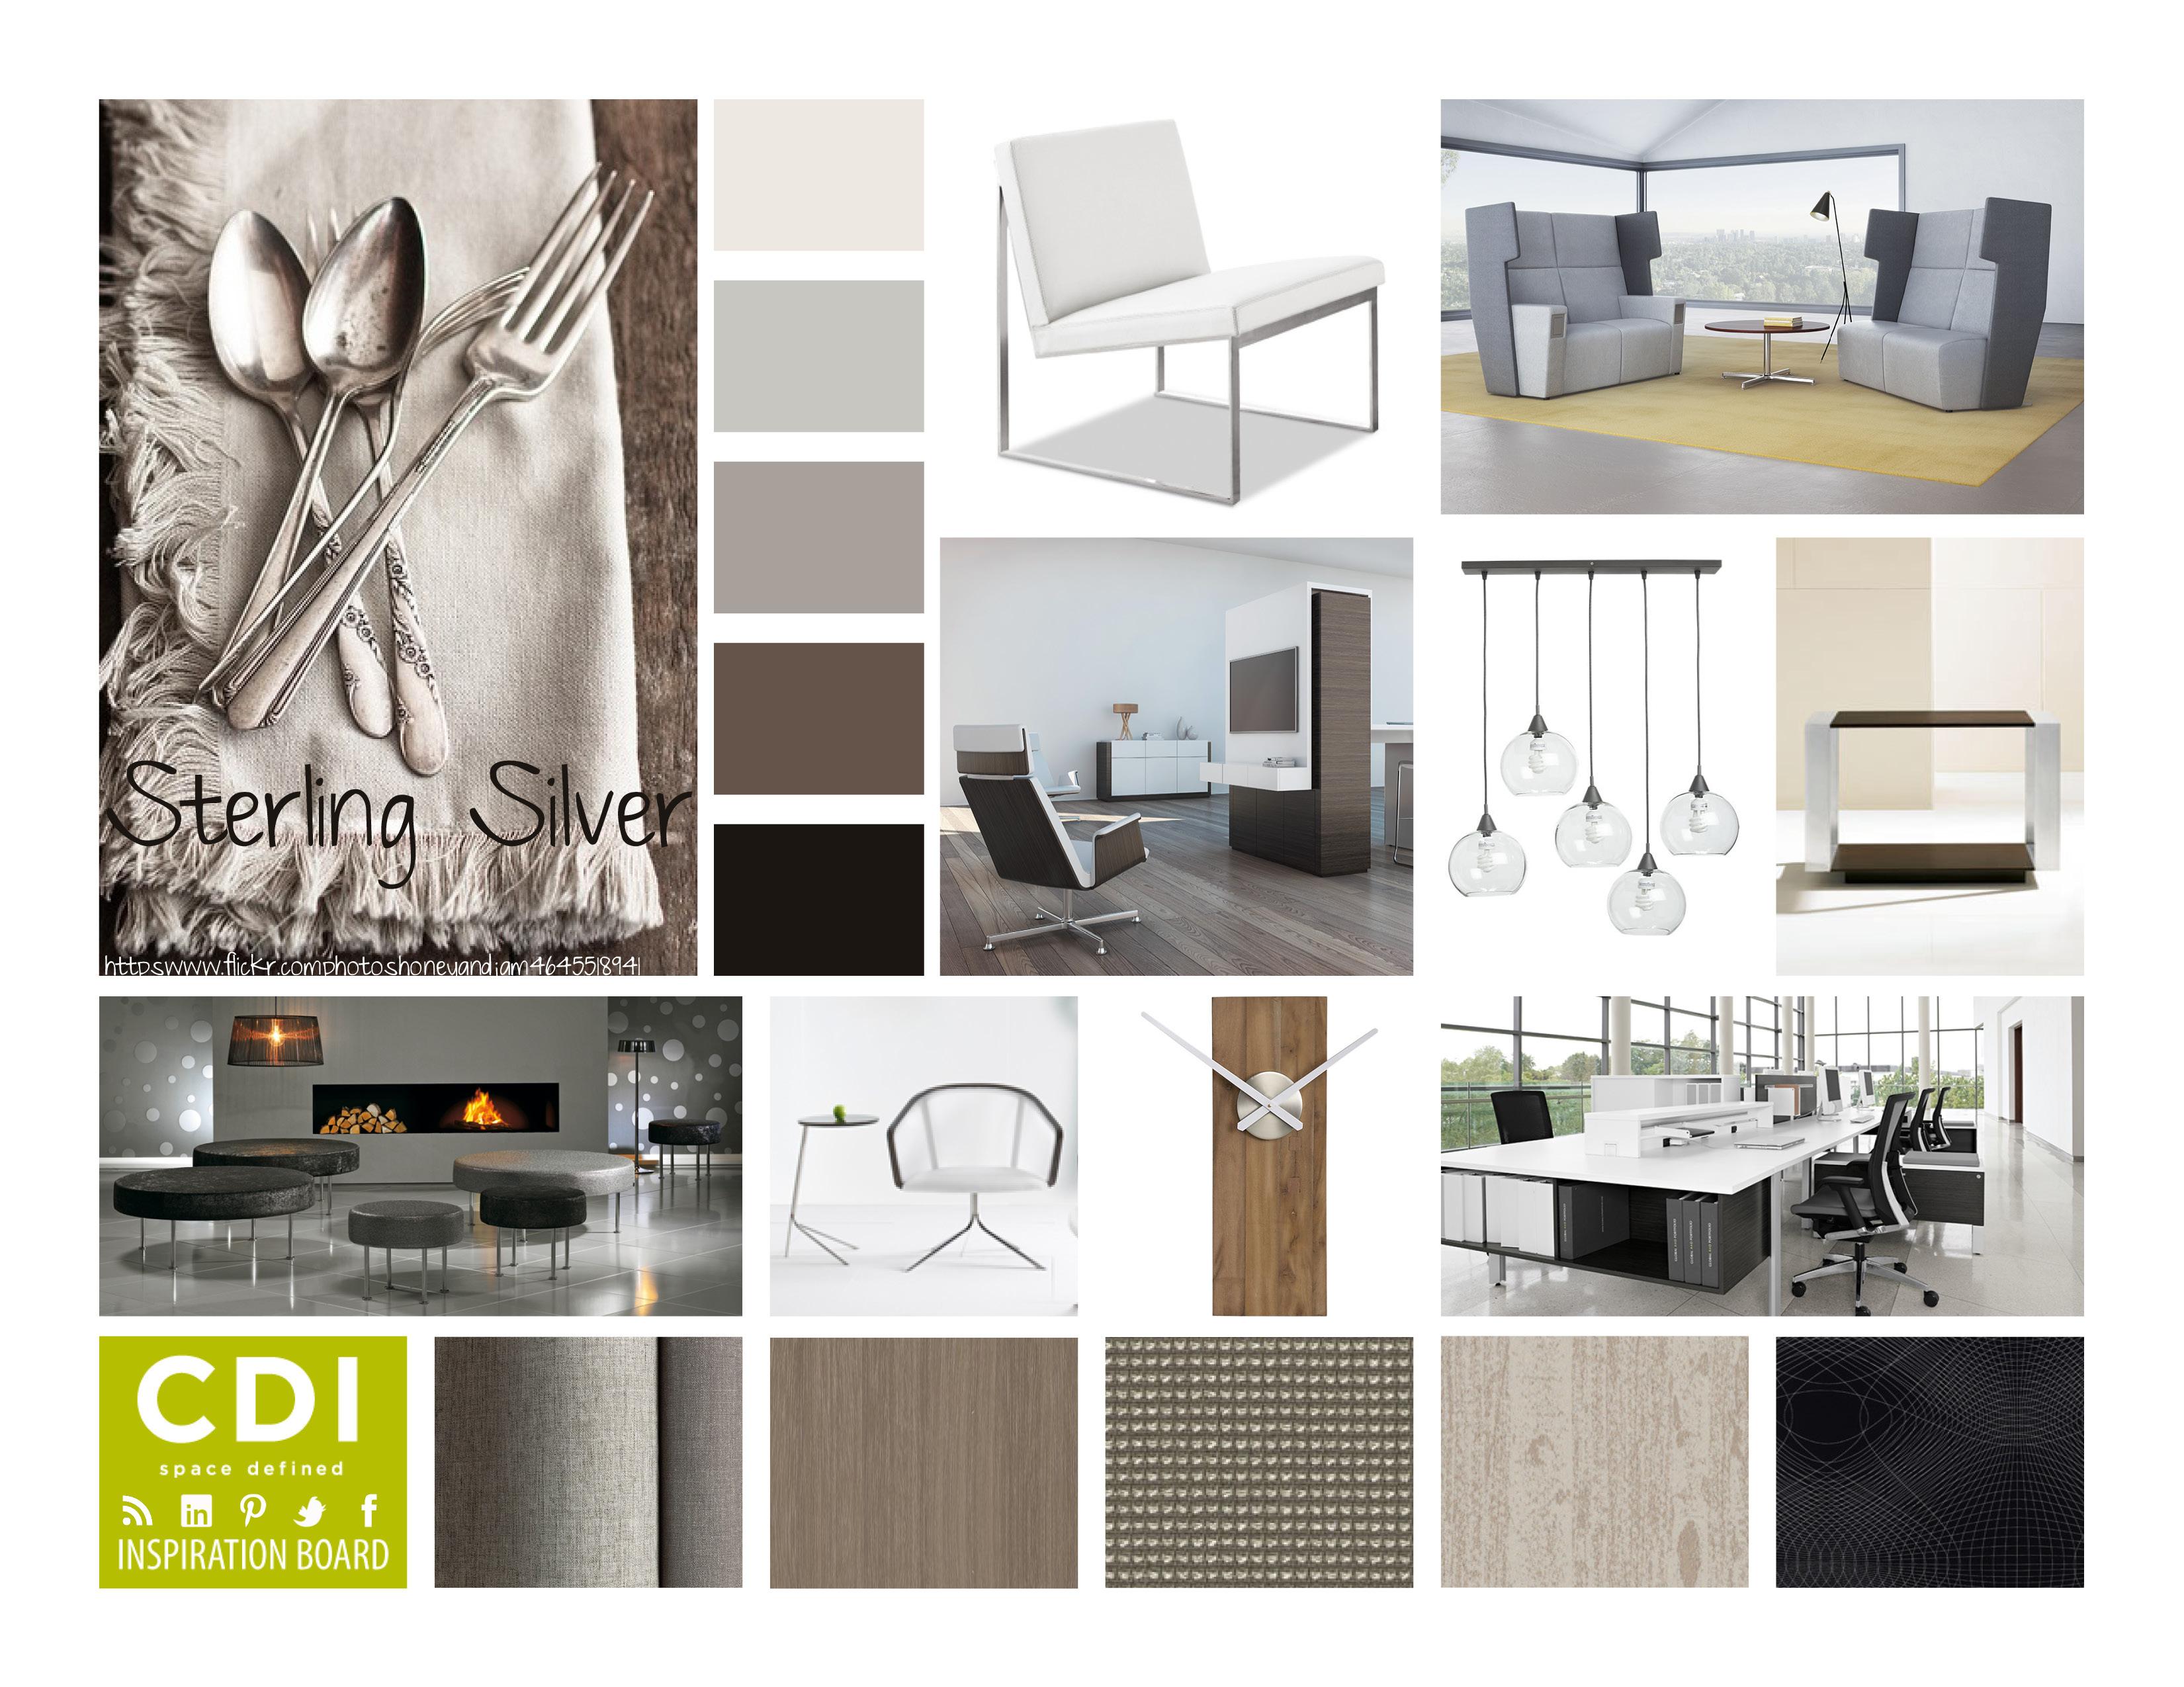 Inspiration boards corporate design interiors for Cdi interior design